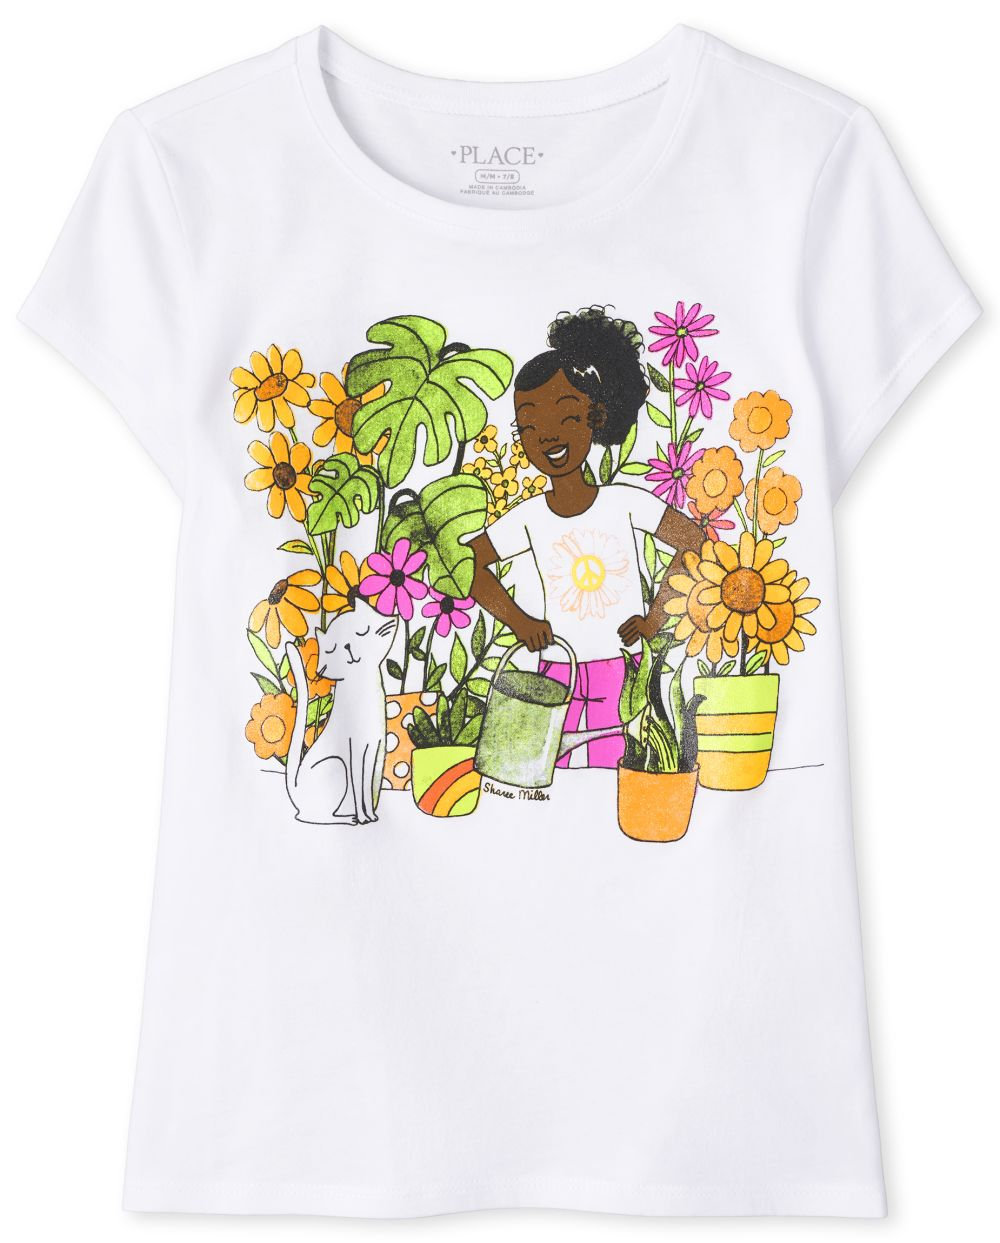 Gardening Graphic Tee - White T-Shirt